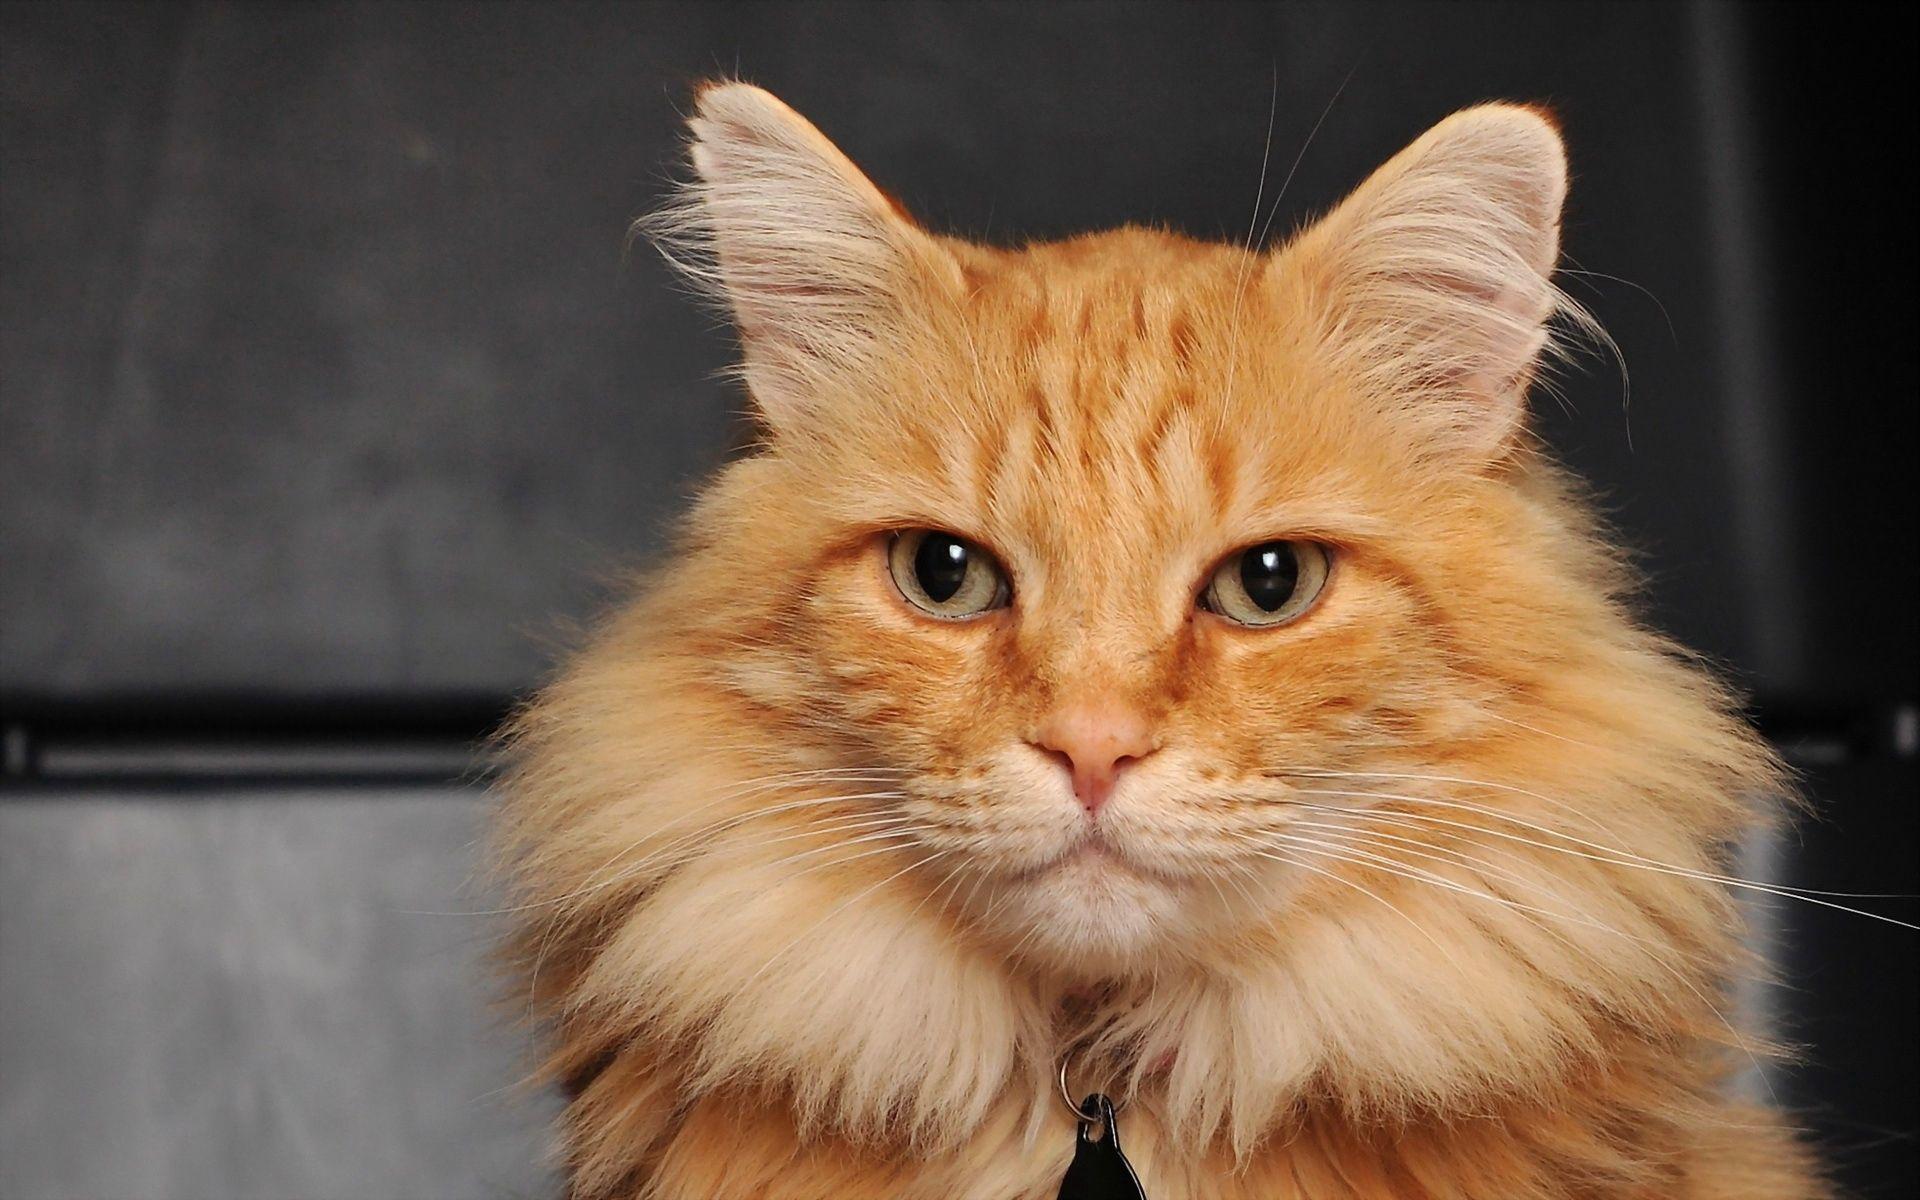 89872 Hintergrundbild herunterladen Katze, Tiere, Der Kater, Flauschige, Schnauze - Bildschirmschoner und Bilder kostenlos